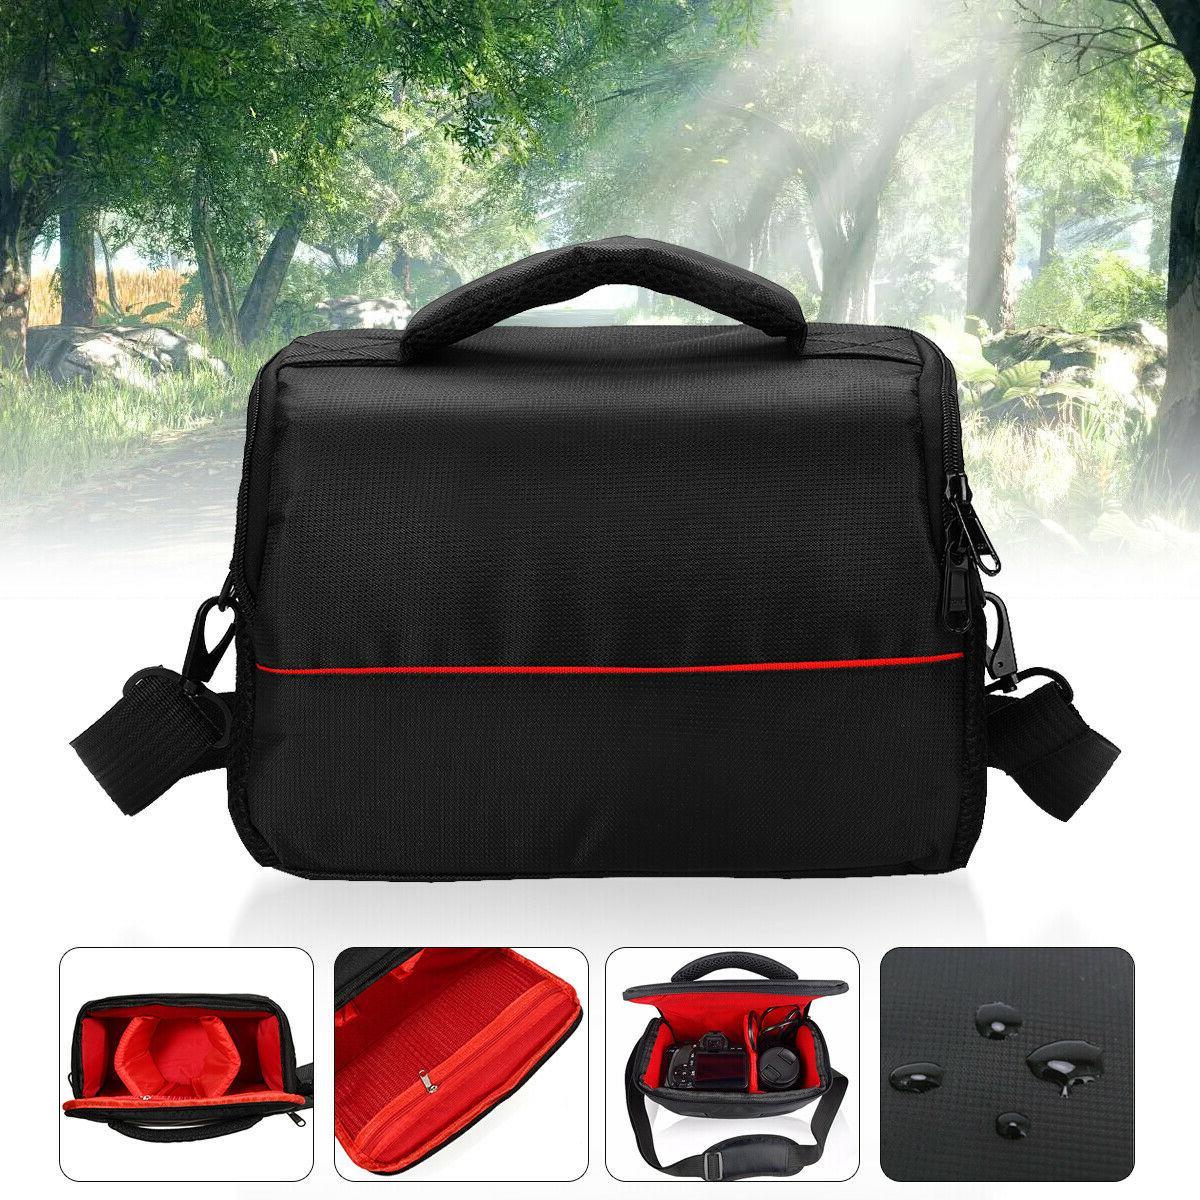 slr dslr digital camera backpack carry bag